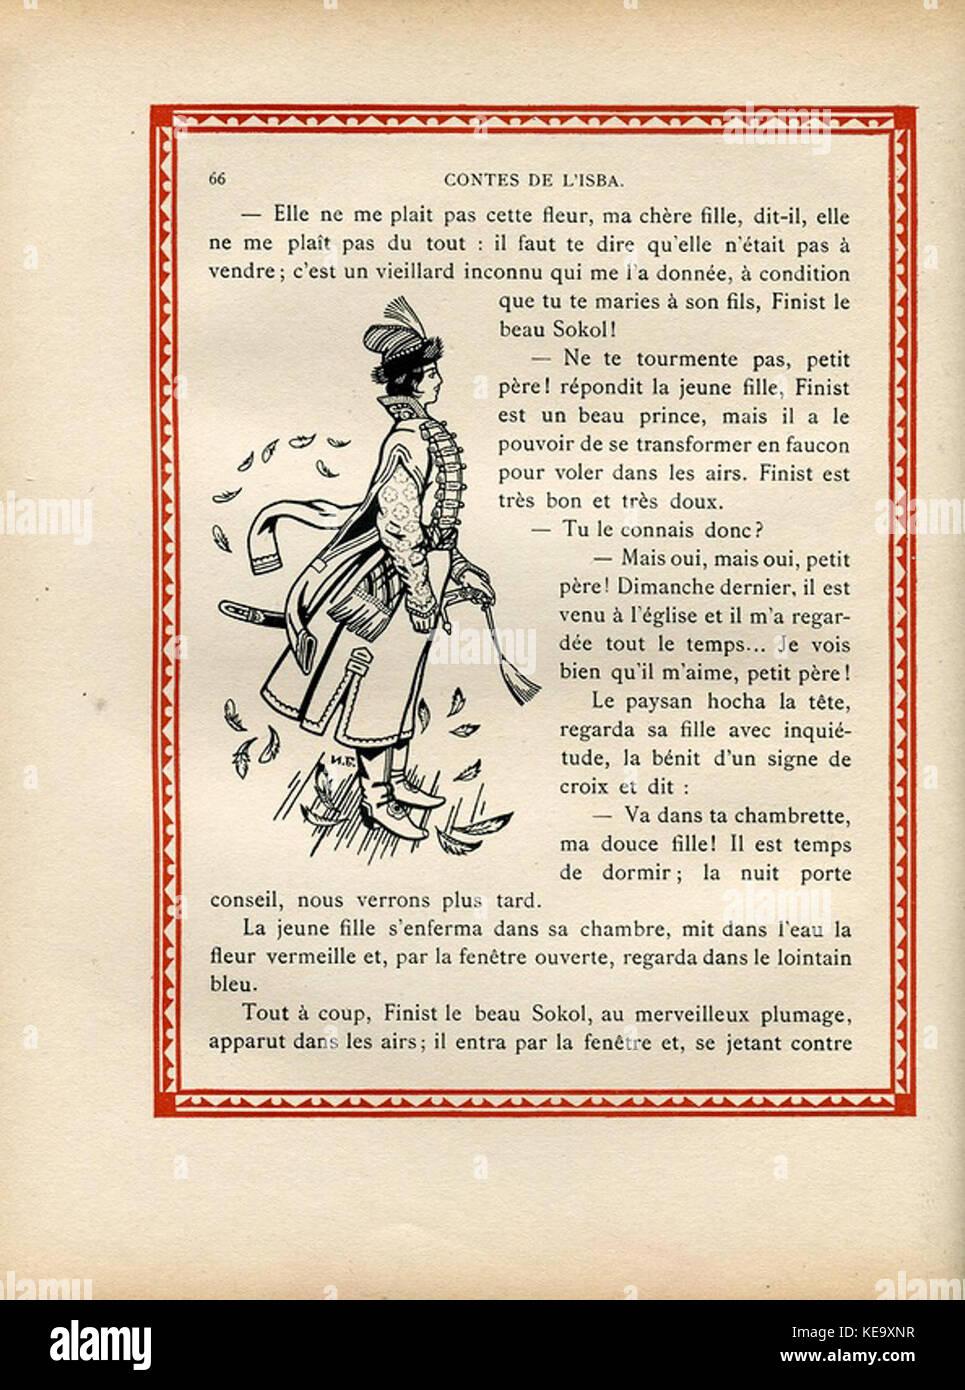 Contes de l'isba (1931)   Une plume de Finist le Beau Sokol 3 - Stock Image